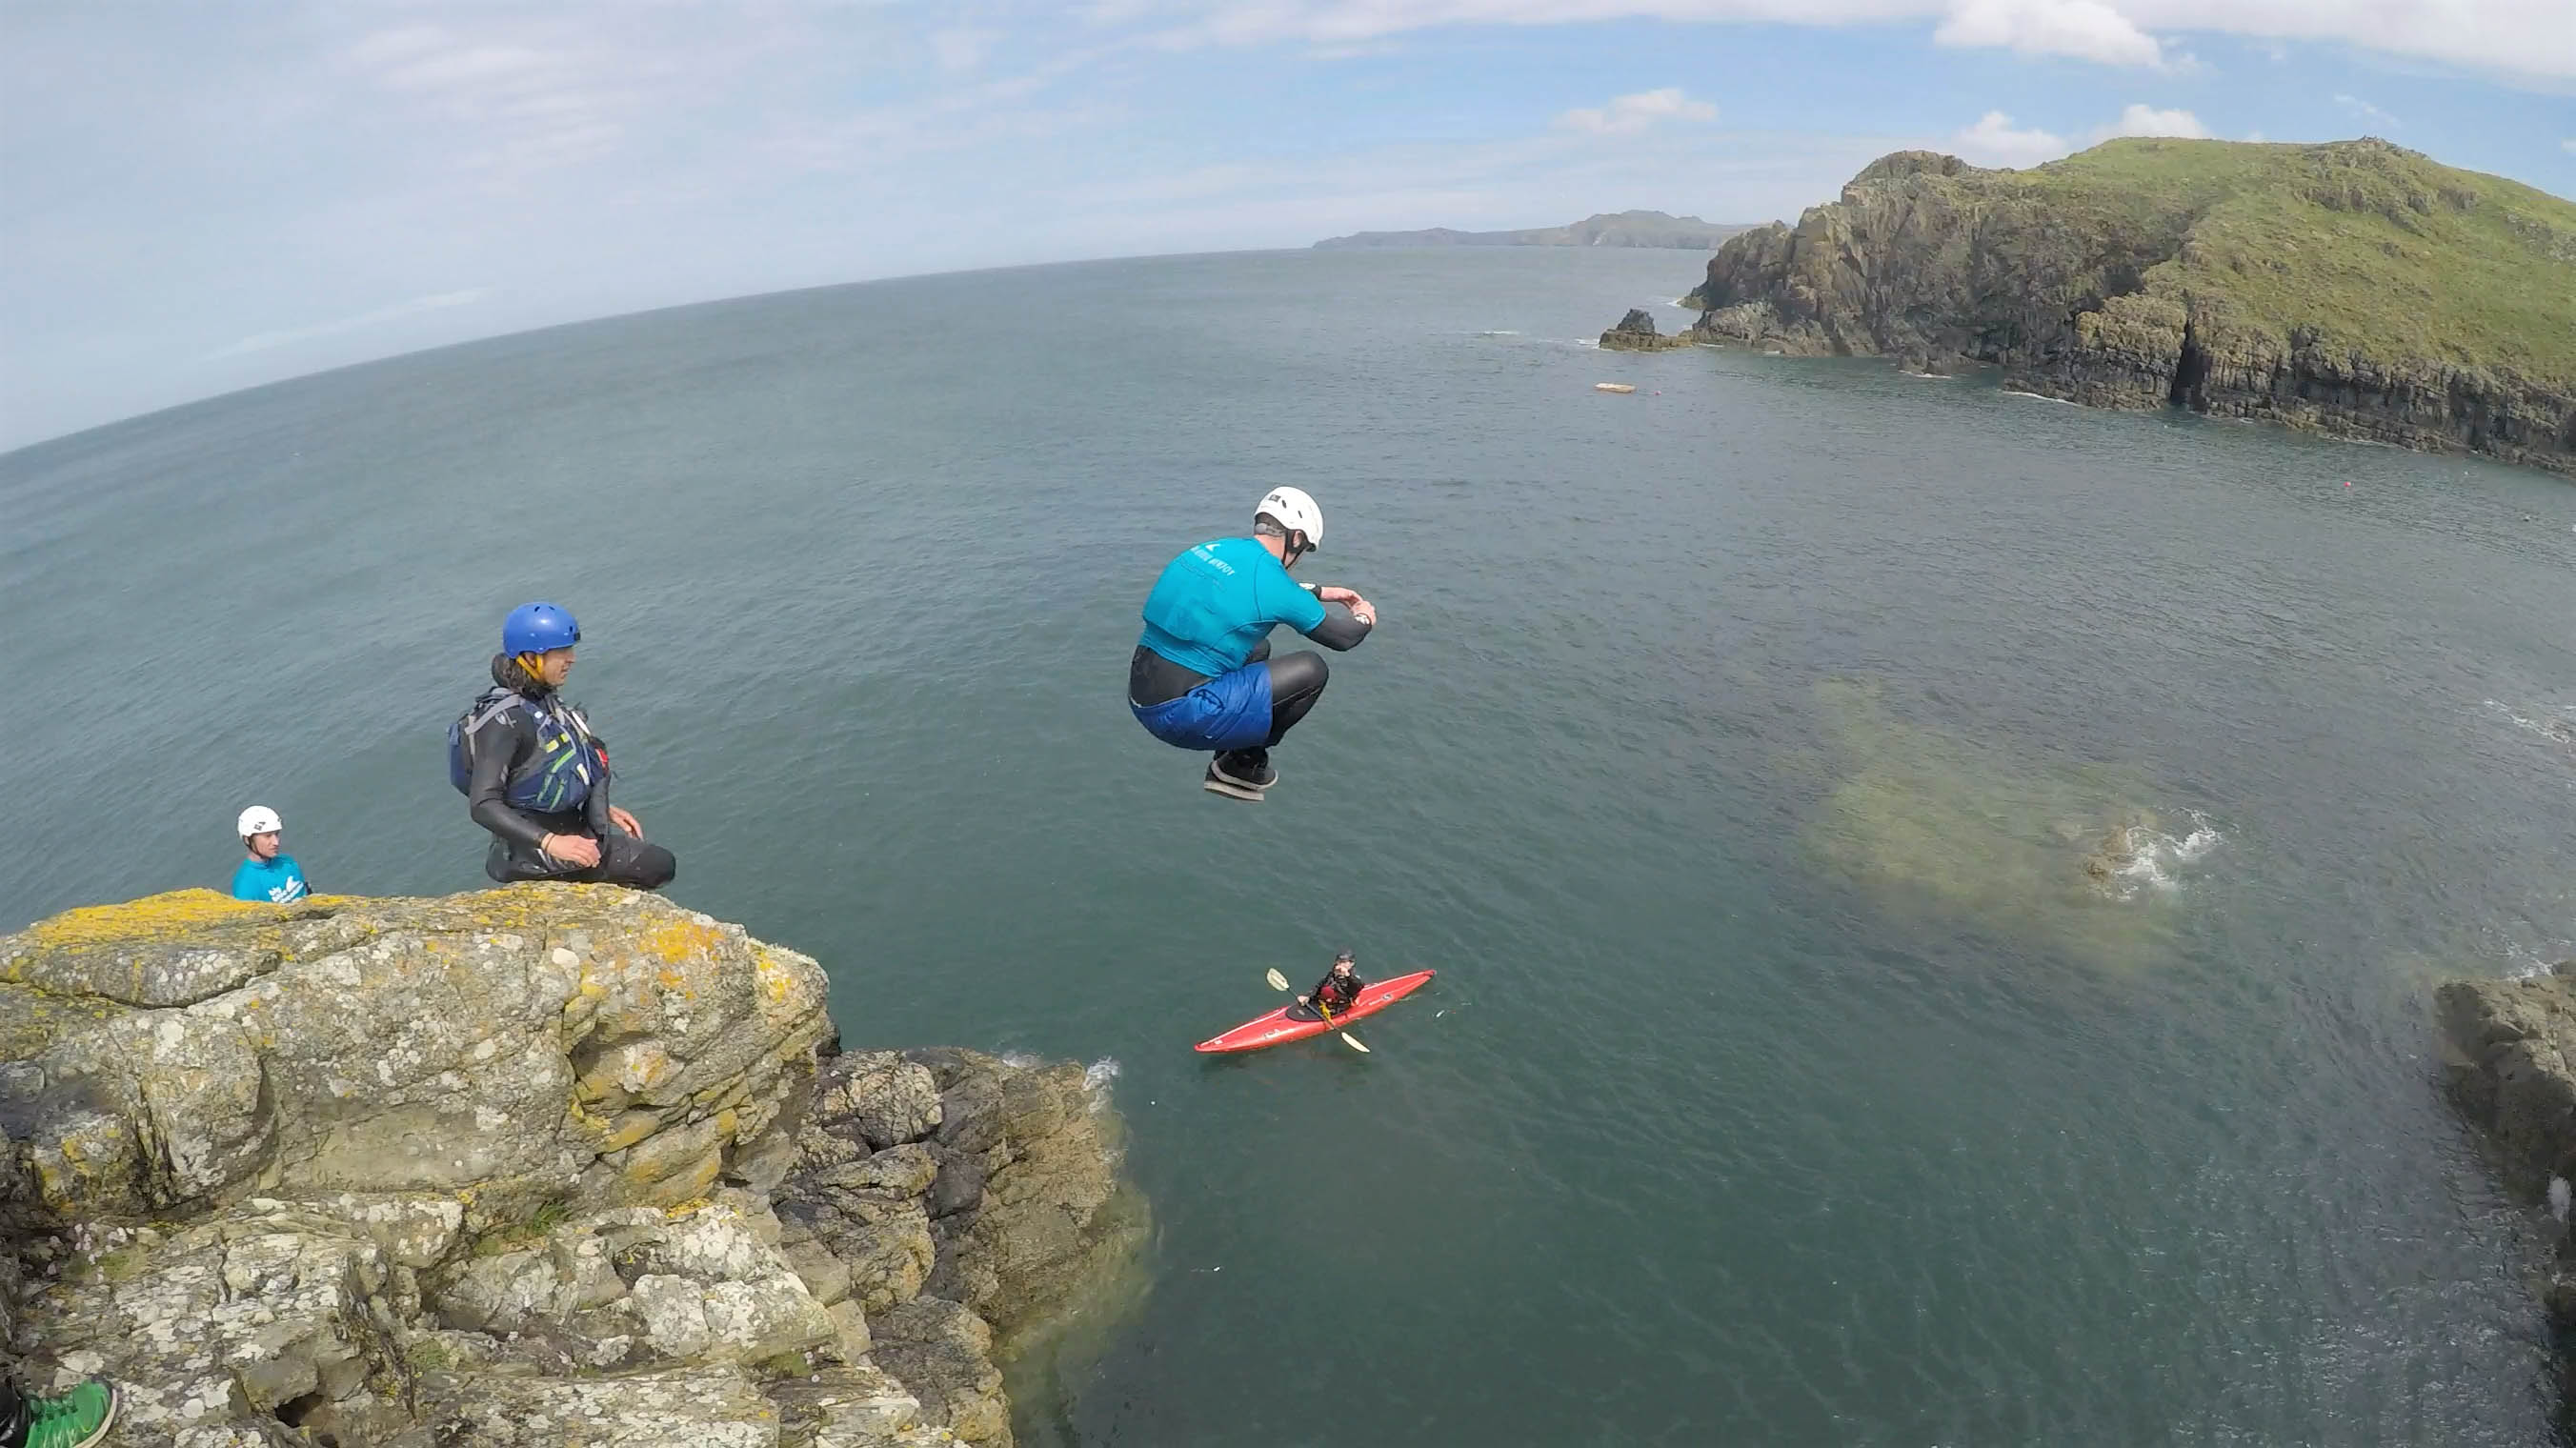 Coasteering activity in Pembrokeshire Wales